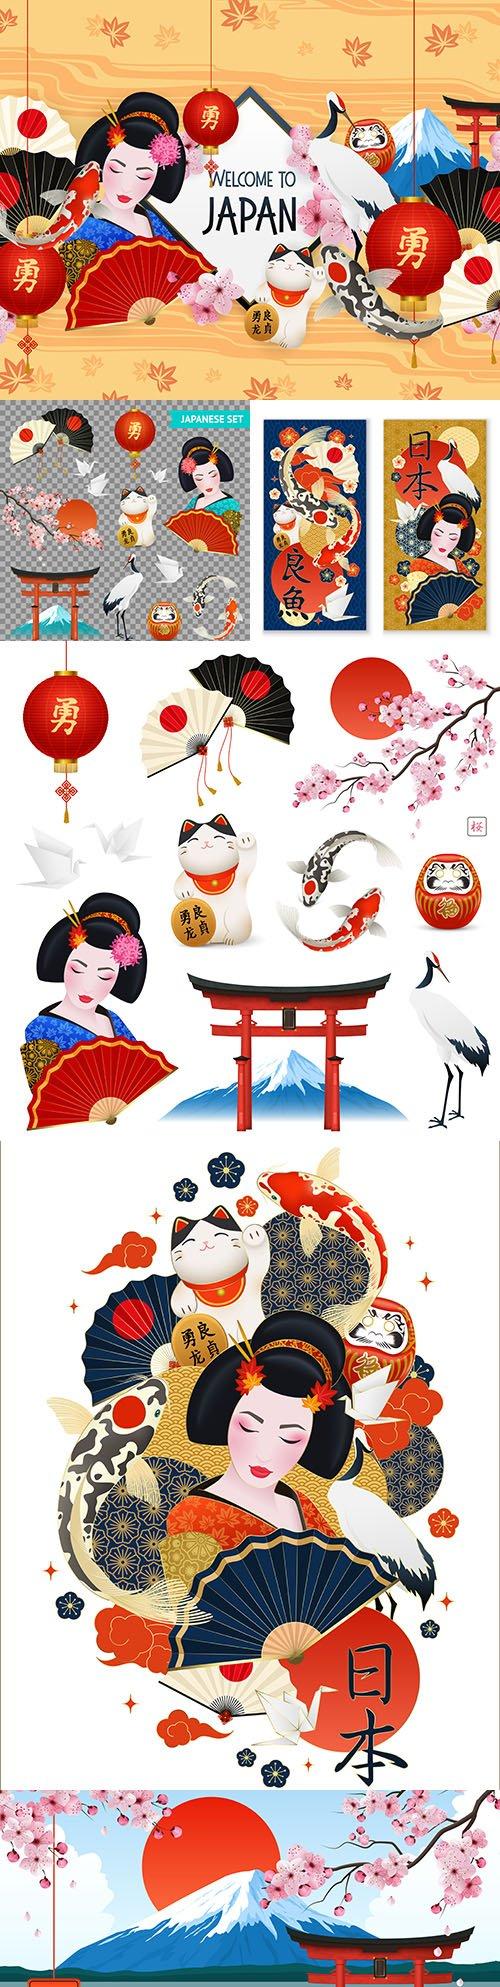 Japanese geisha and set of Japanese national symbols